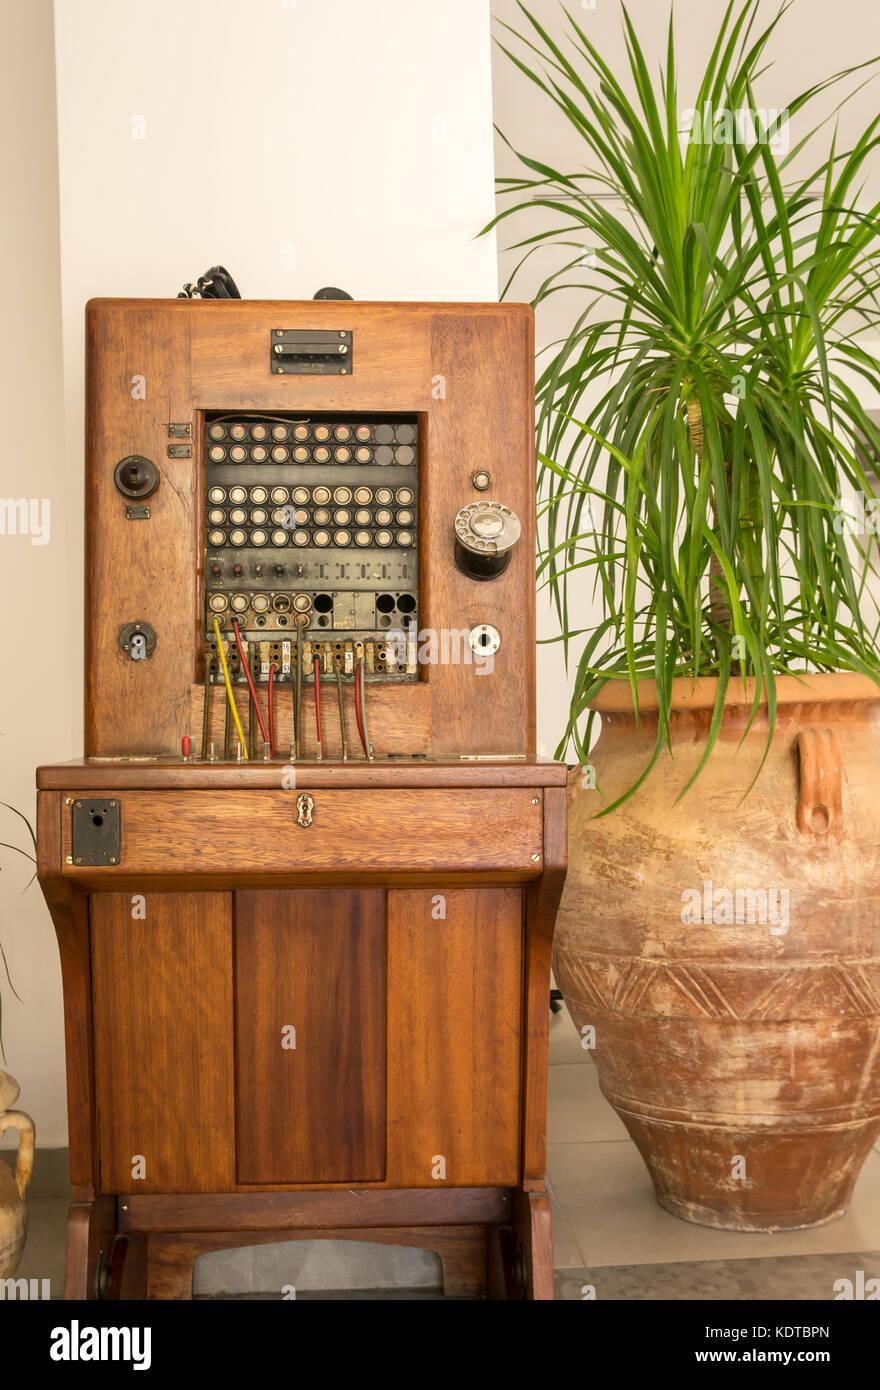 Switchboard Stockfotos & Switchboard Bilder - Alamy